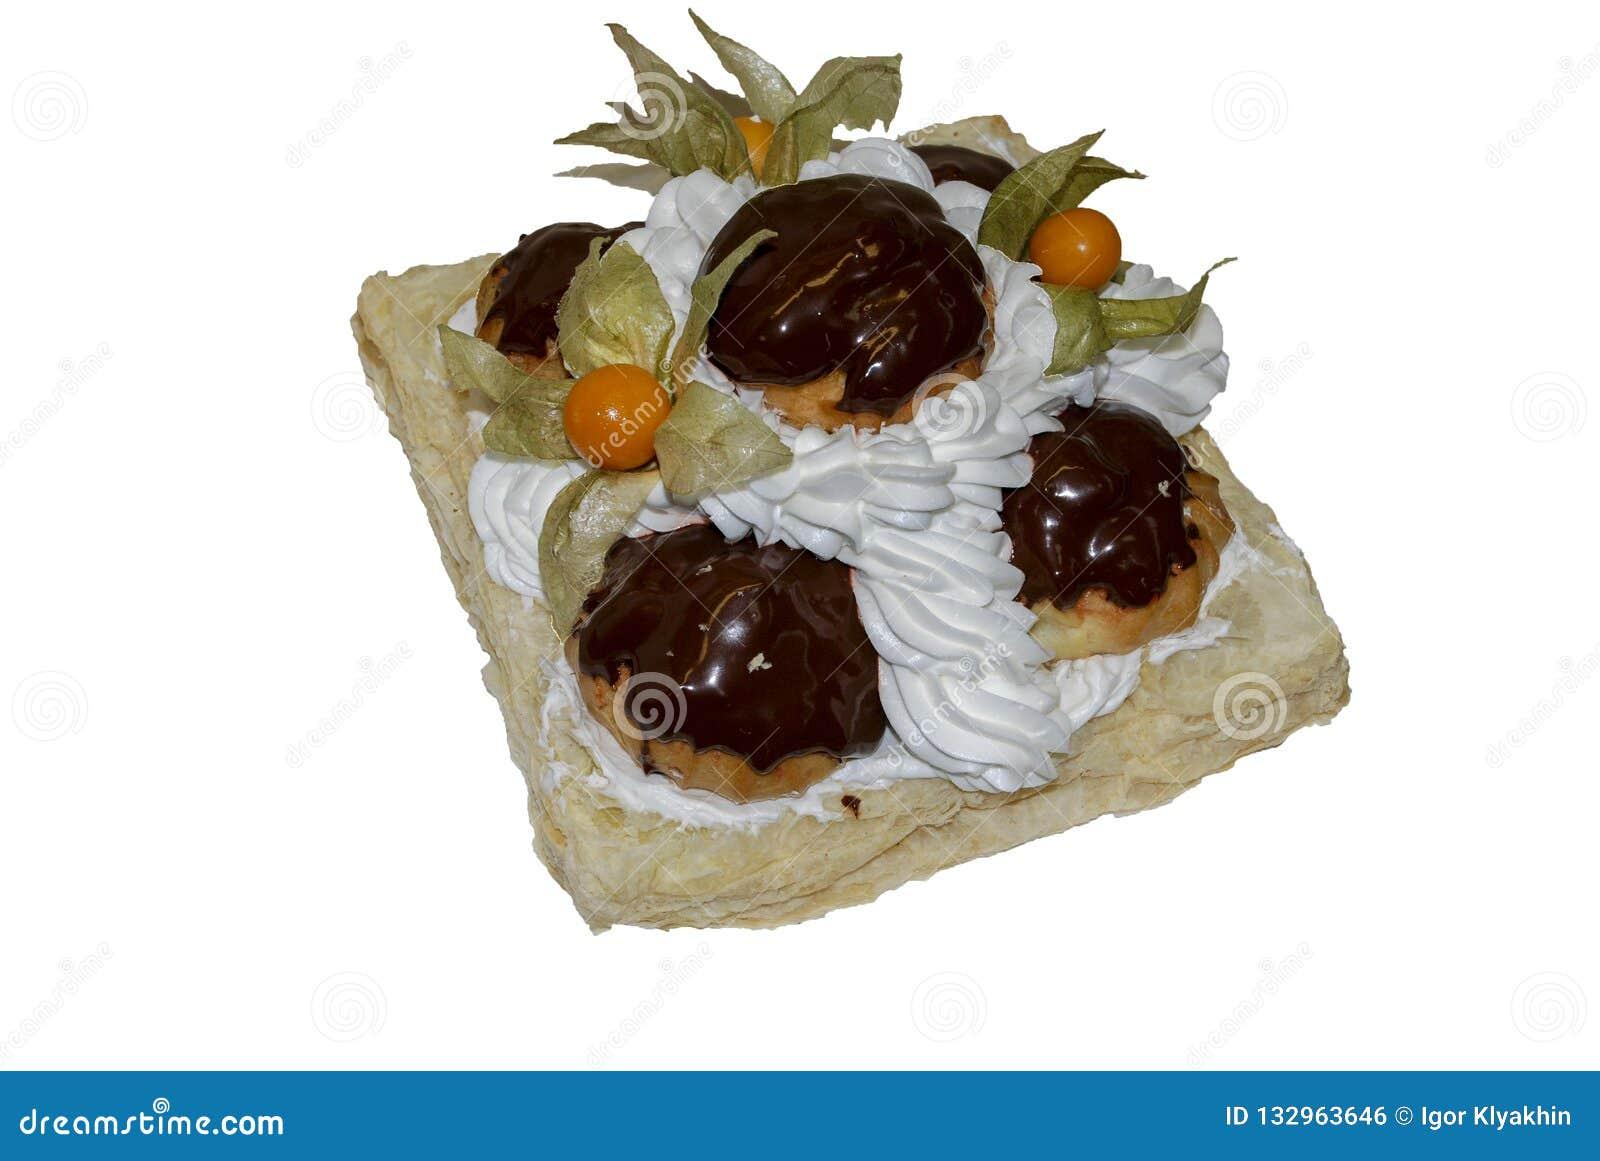 Bolo decorado com profiteroles com chocolate, physalis